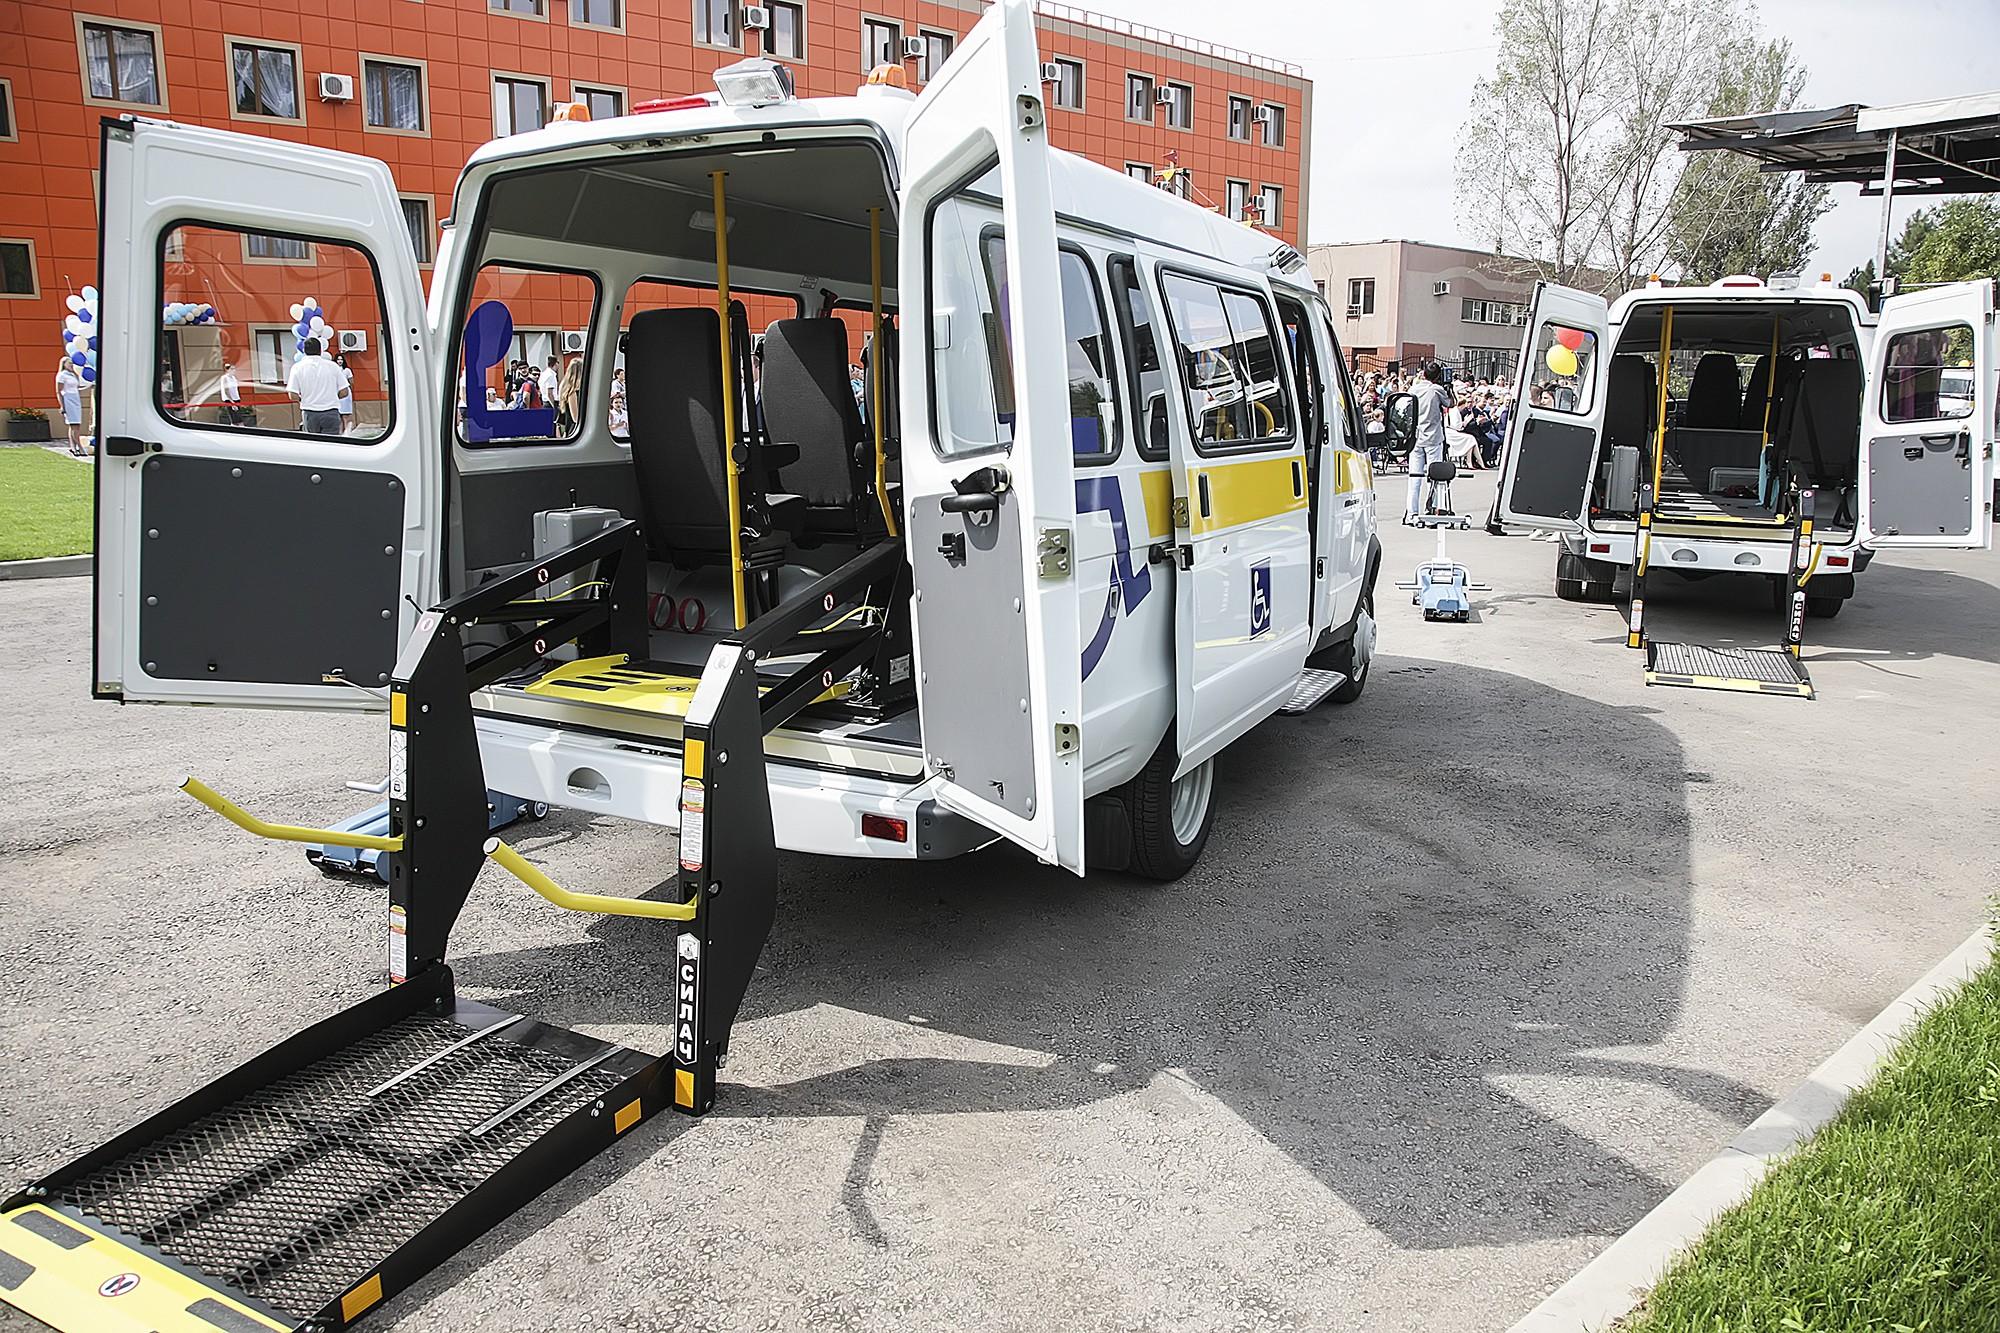 ВРостове заработает социальное такси для людей сограниченными возможностями